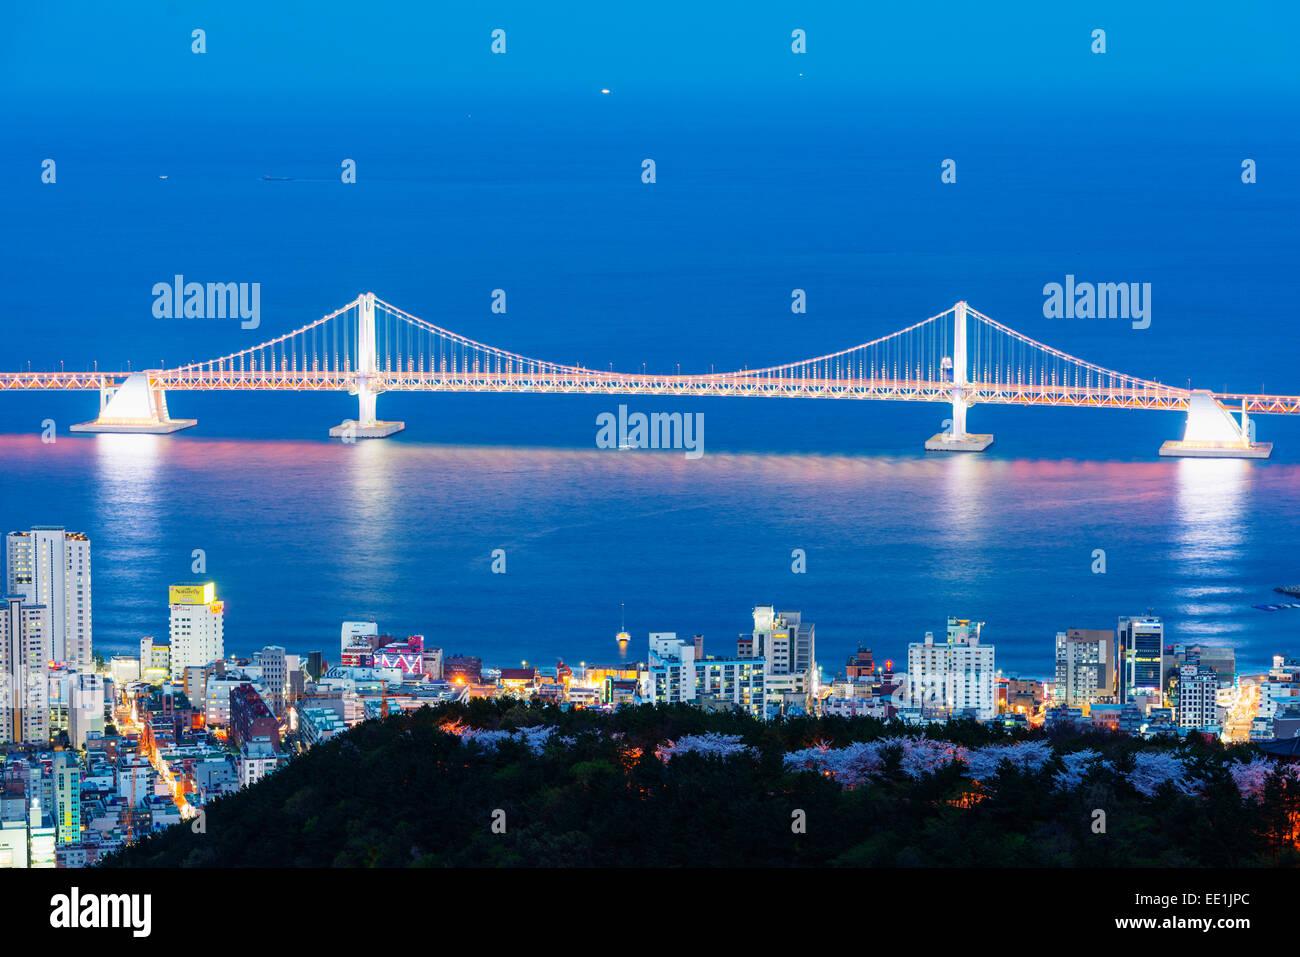 Sur les toits de la ville et pont Gwangang, Busan, Corée du Sud, Asie Photo Stock